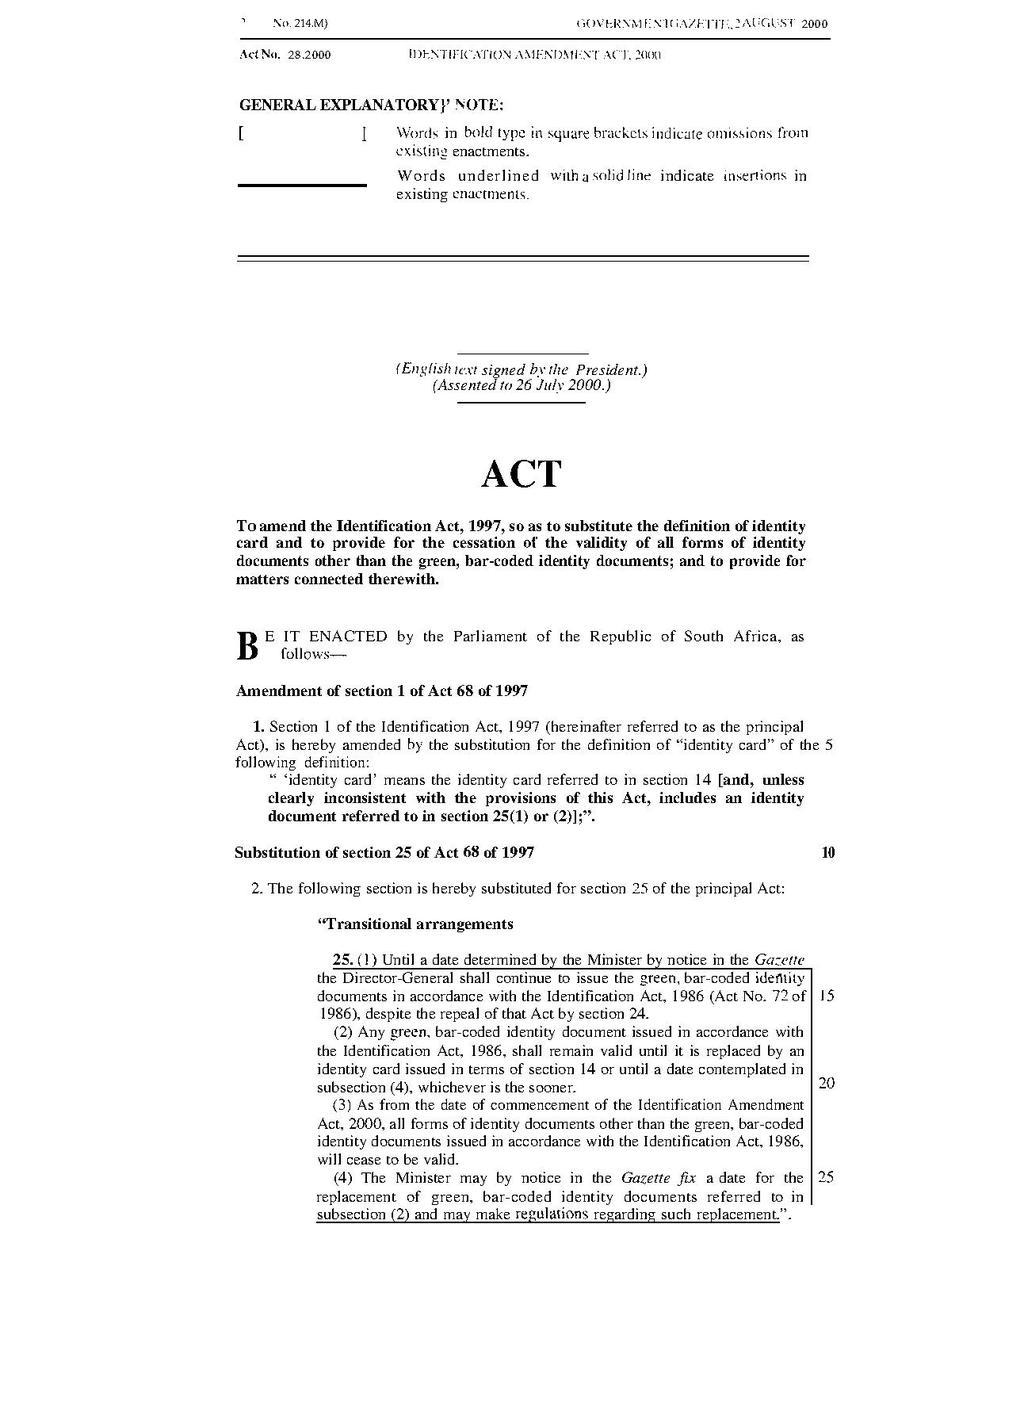 page:identification amendment act 2000.pdf/2 - wikisource, the free